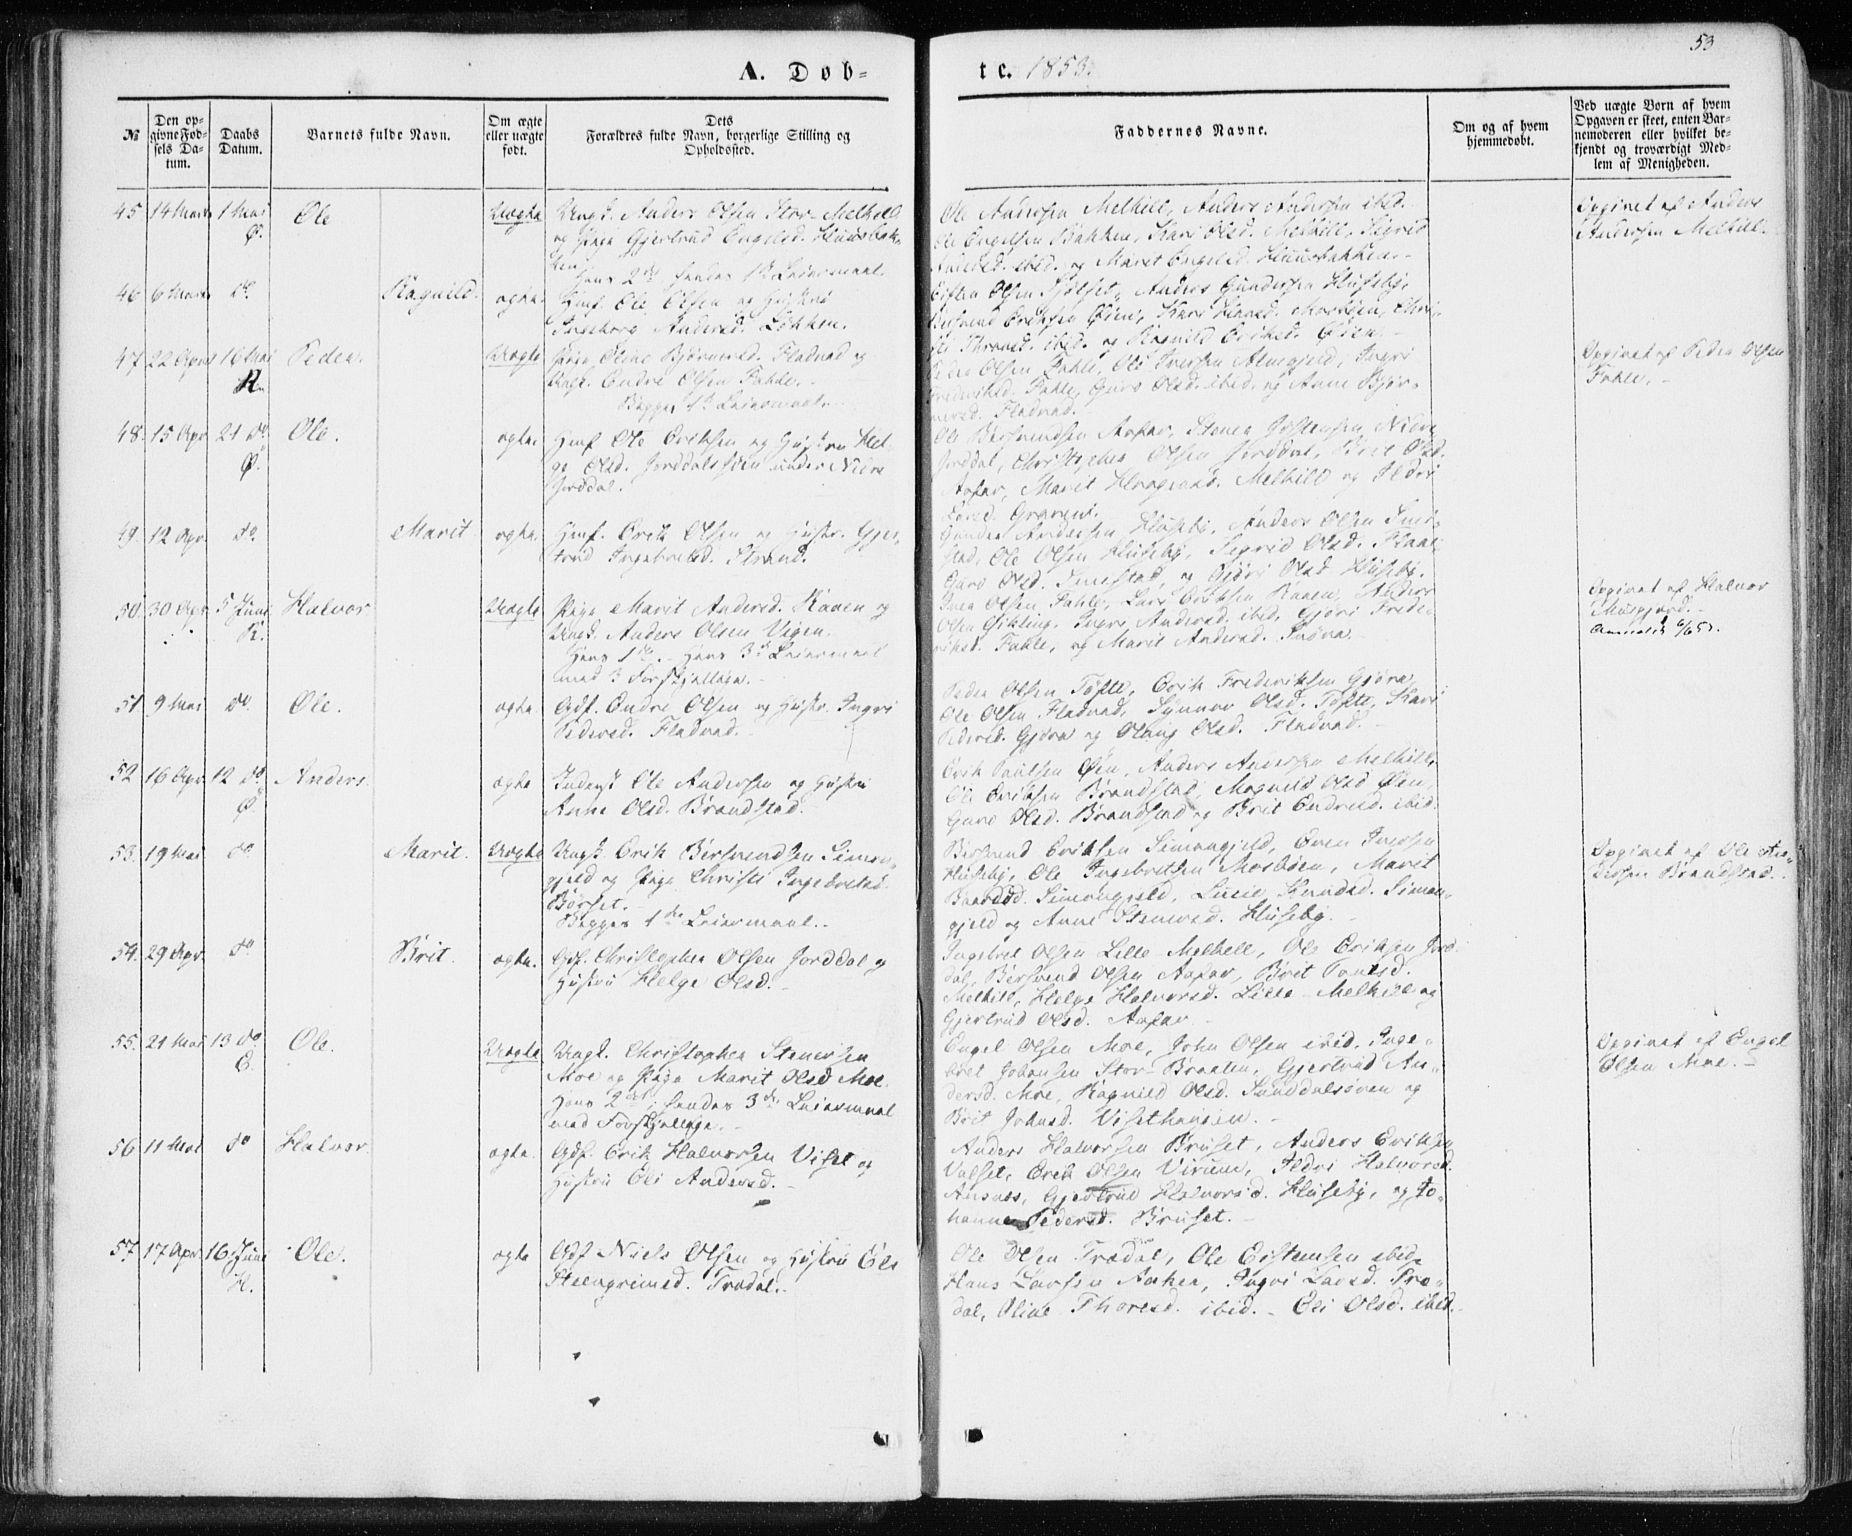 SAT, Ministerialprotokoller, klokkerbøker og fødselsregistre - Møre og Romsdal, 590/L1013: Ministerialbok nr. 590A05, 1847-1877, s. 53